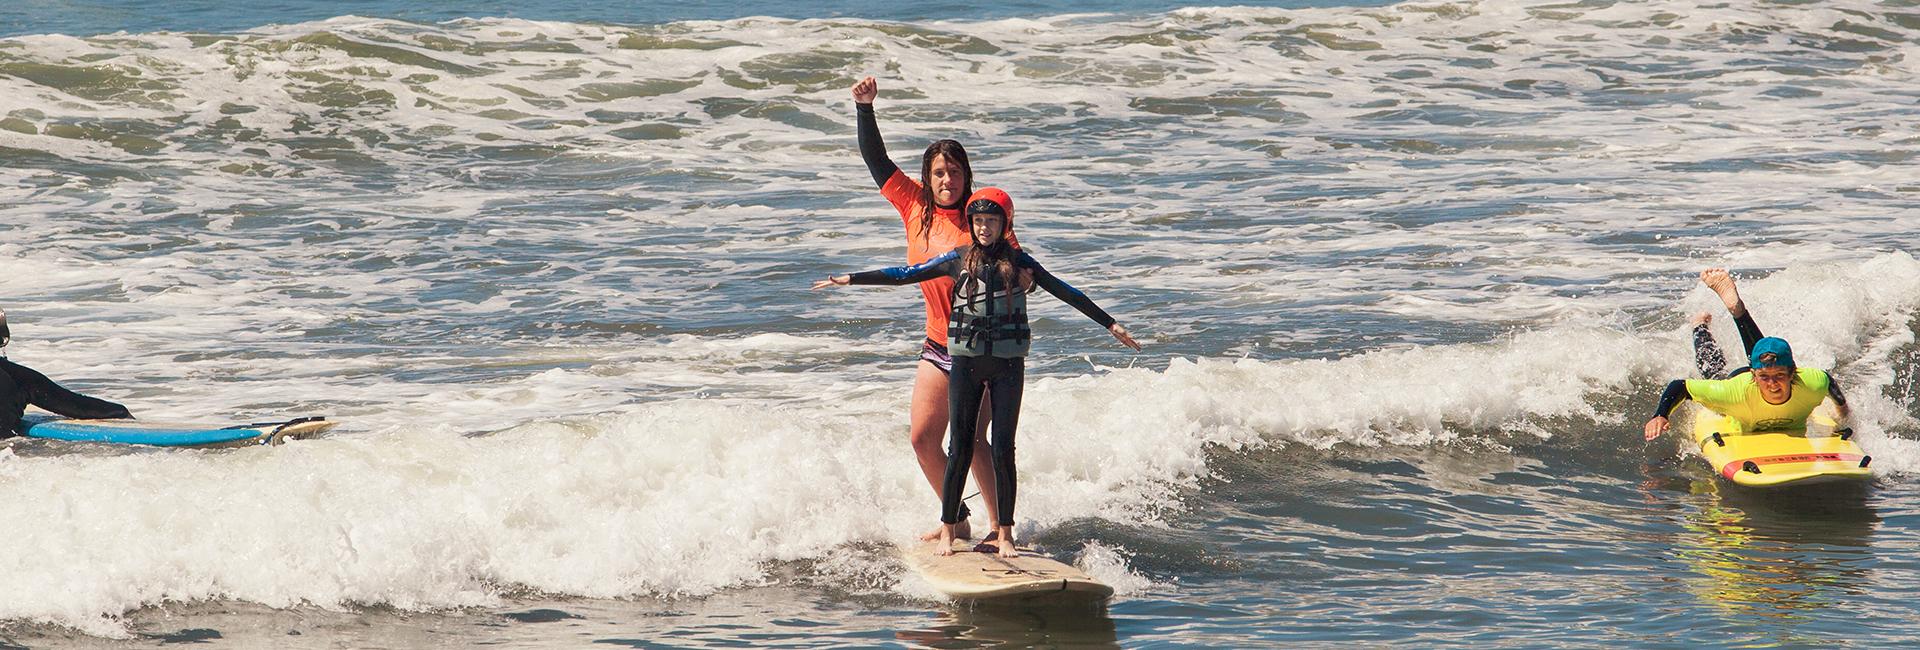 surferspoint-banner